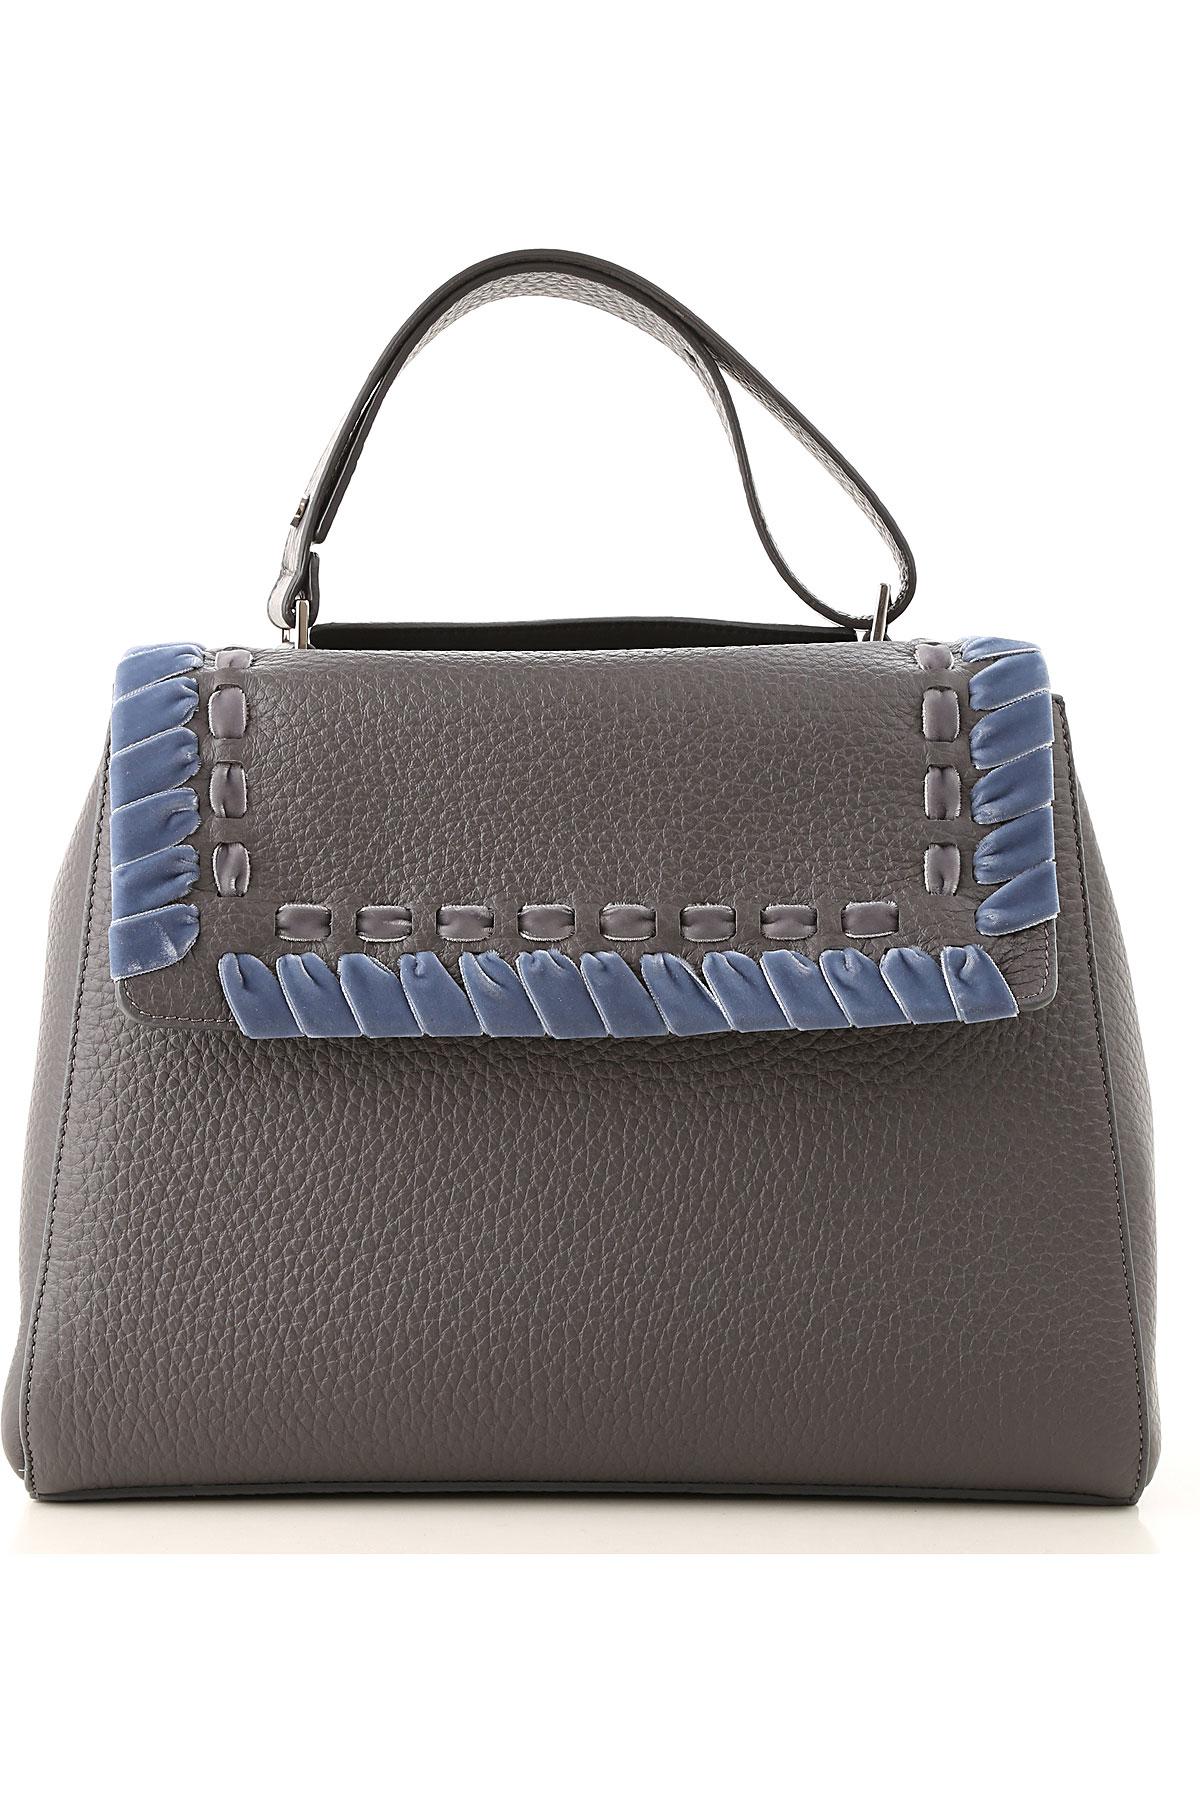 Orciani Shoulder Bag for Women On Sale, Asphalt Grey, Leather, 2019